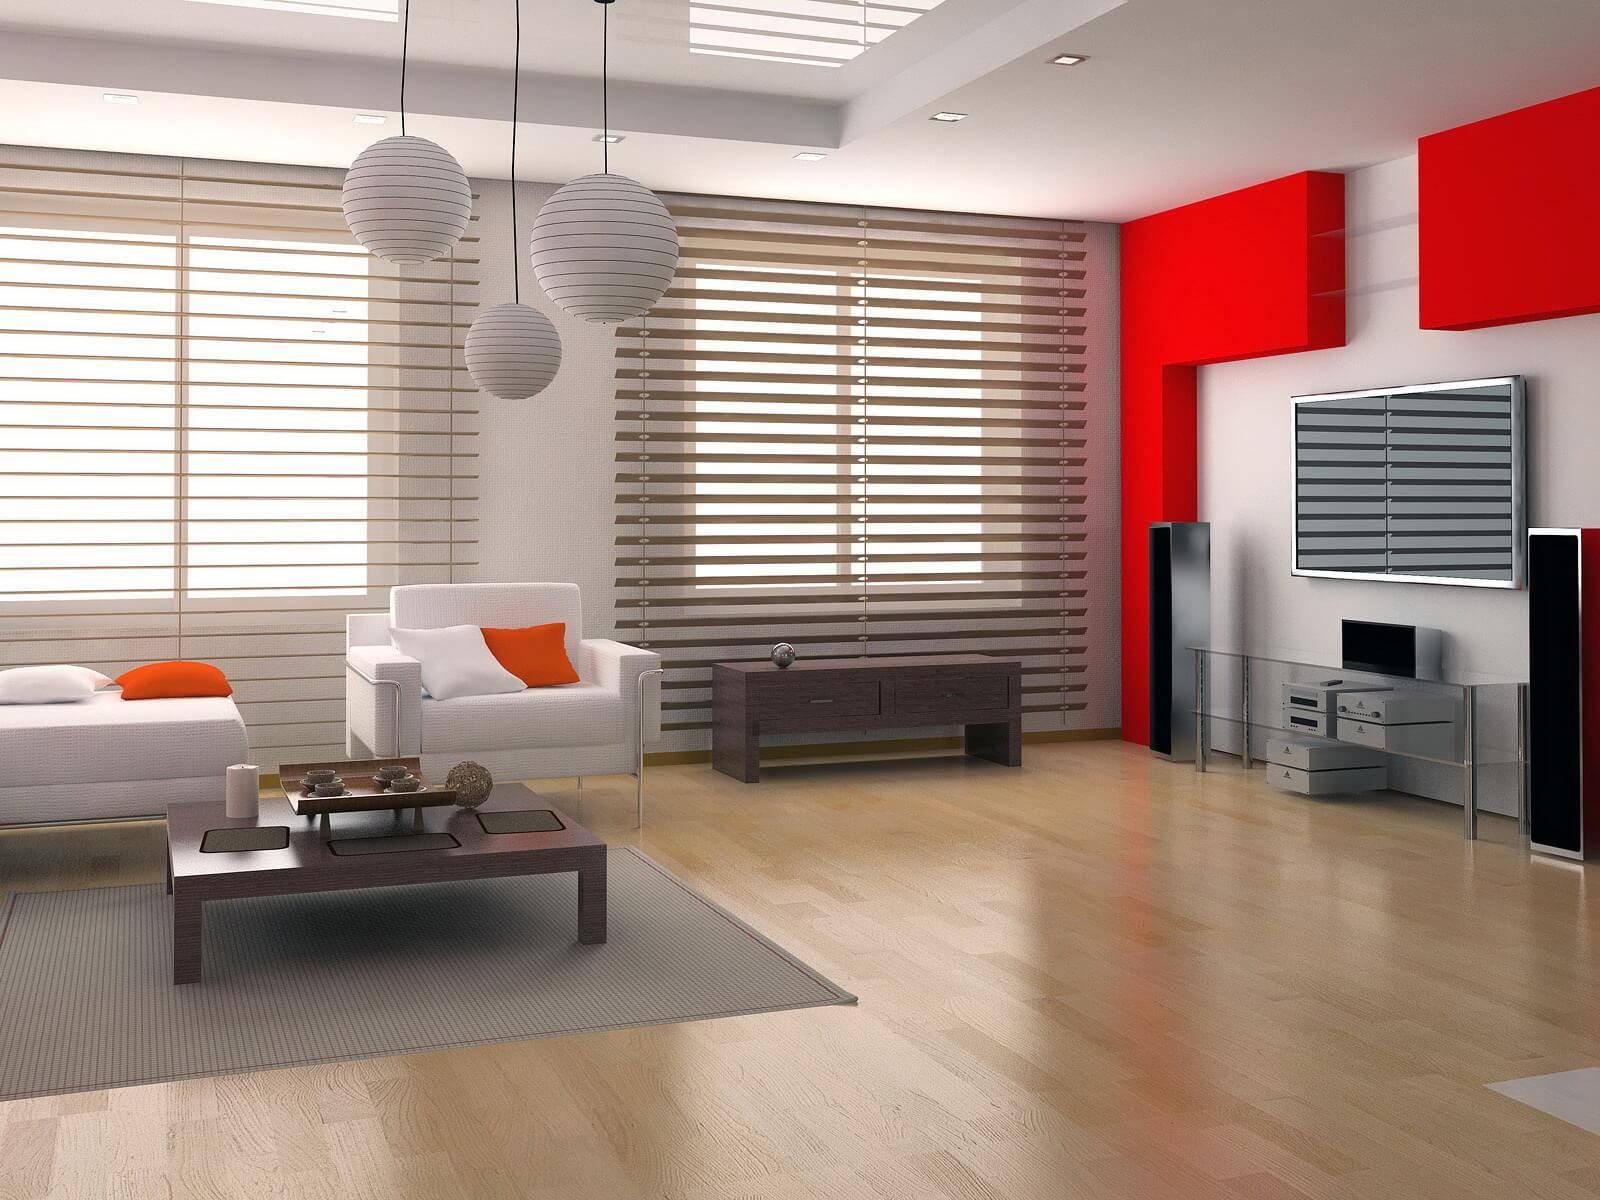 Как улучшить стиль вашего дома с помощью современных жалюзи — фотогалерея интересных идей